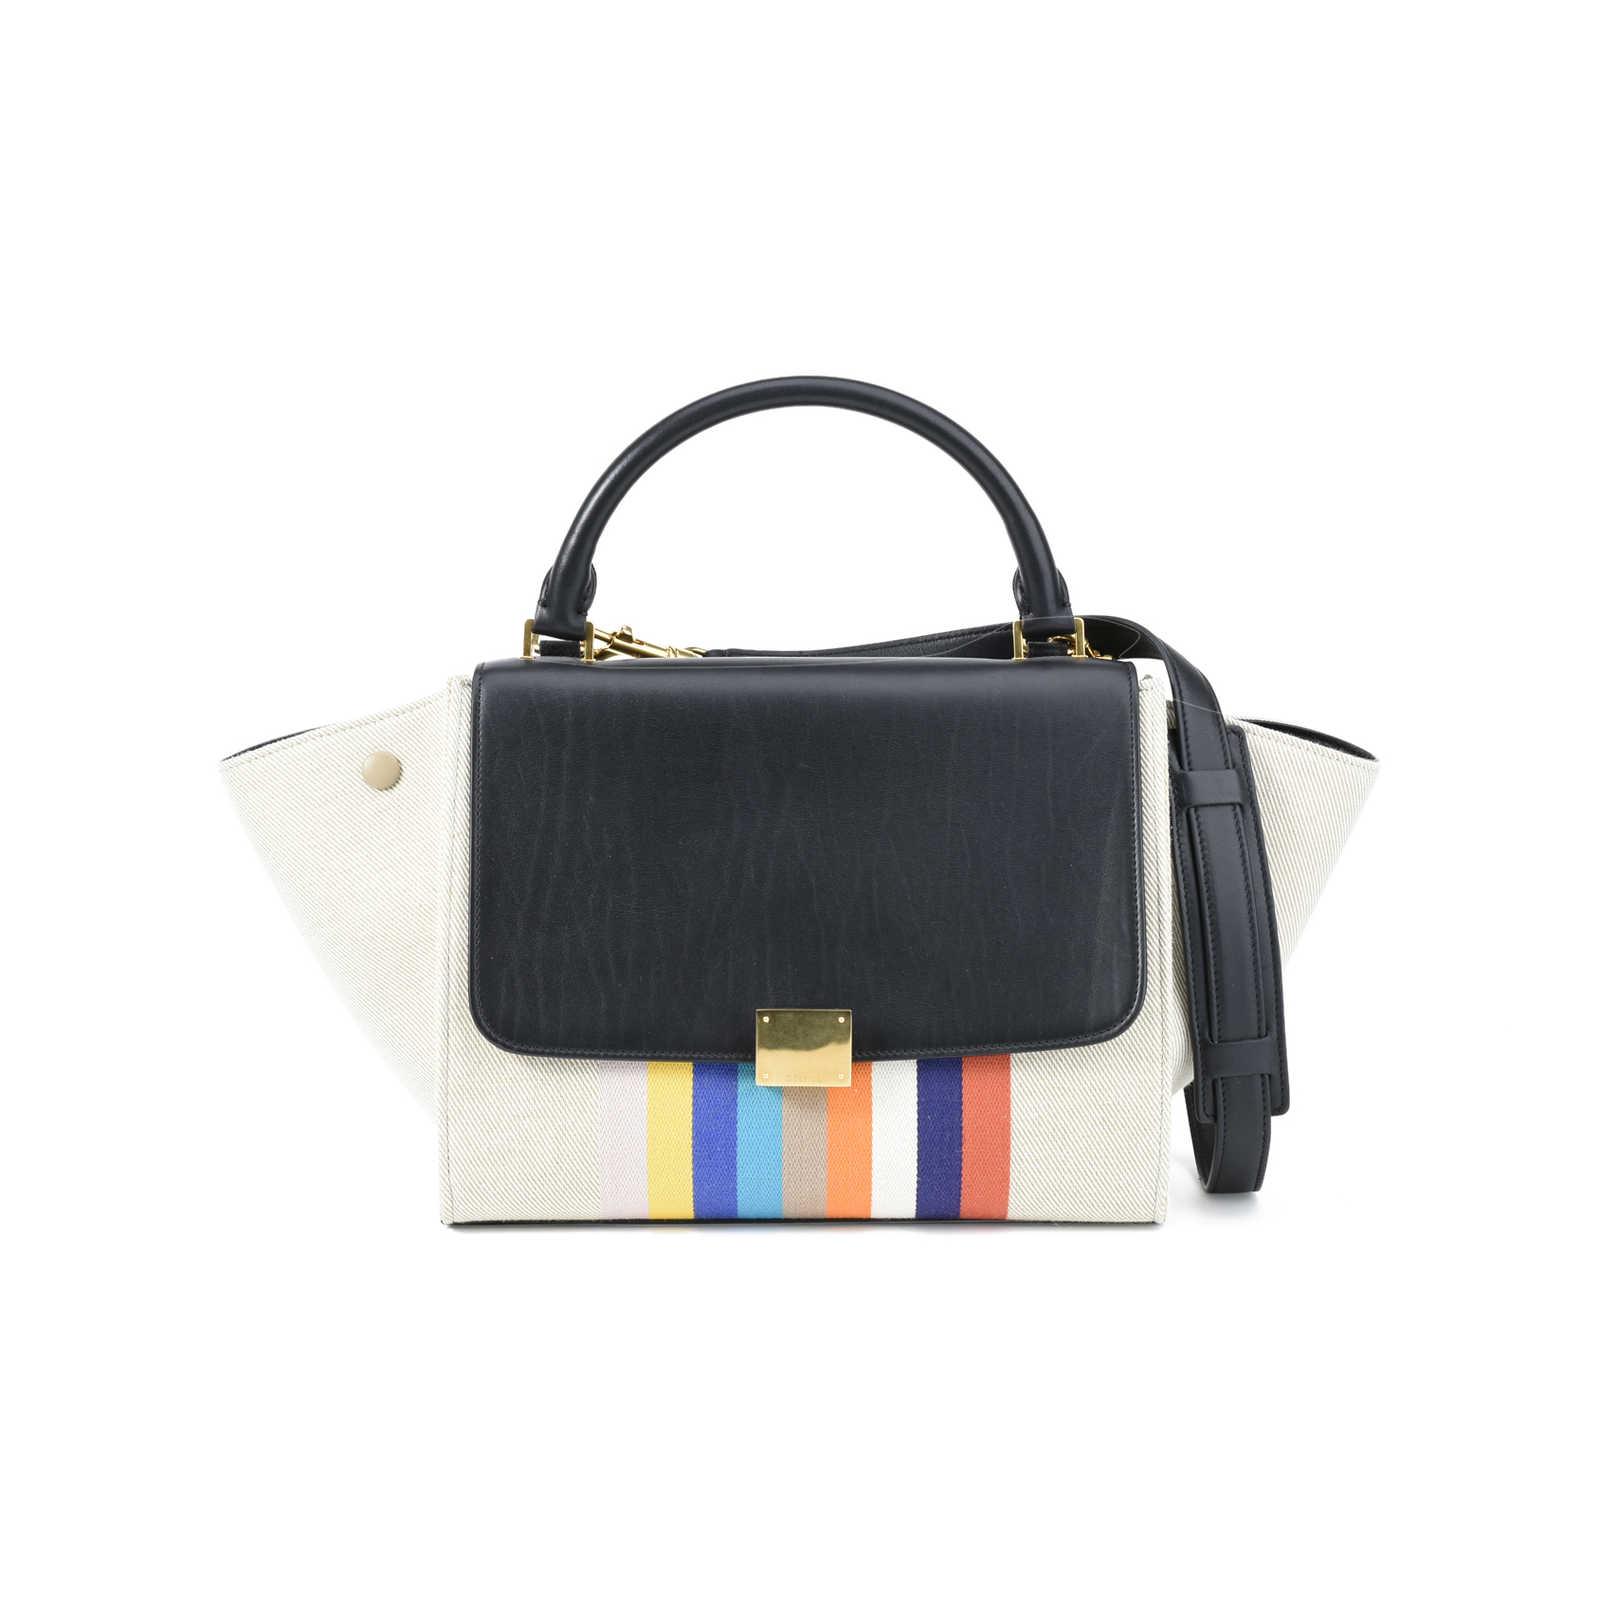 Authentic Second Hand Céline Textile Tze Handbag Pss 392 00006 Thumbnail